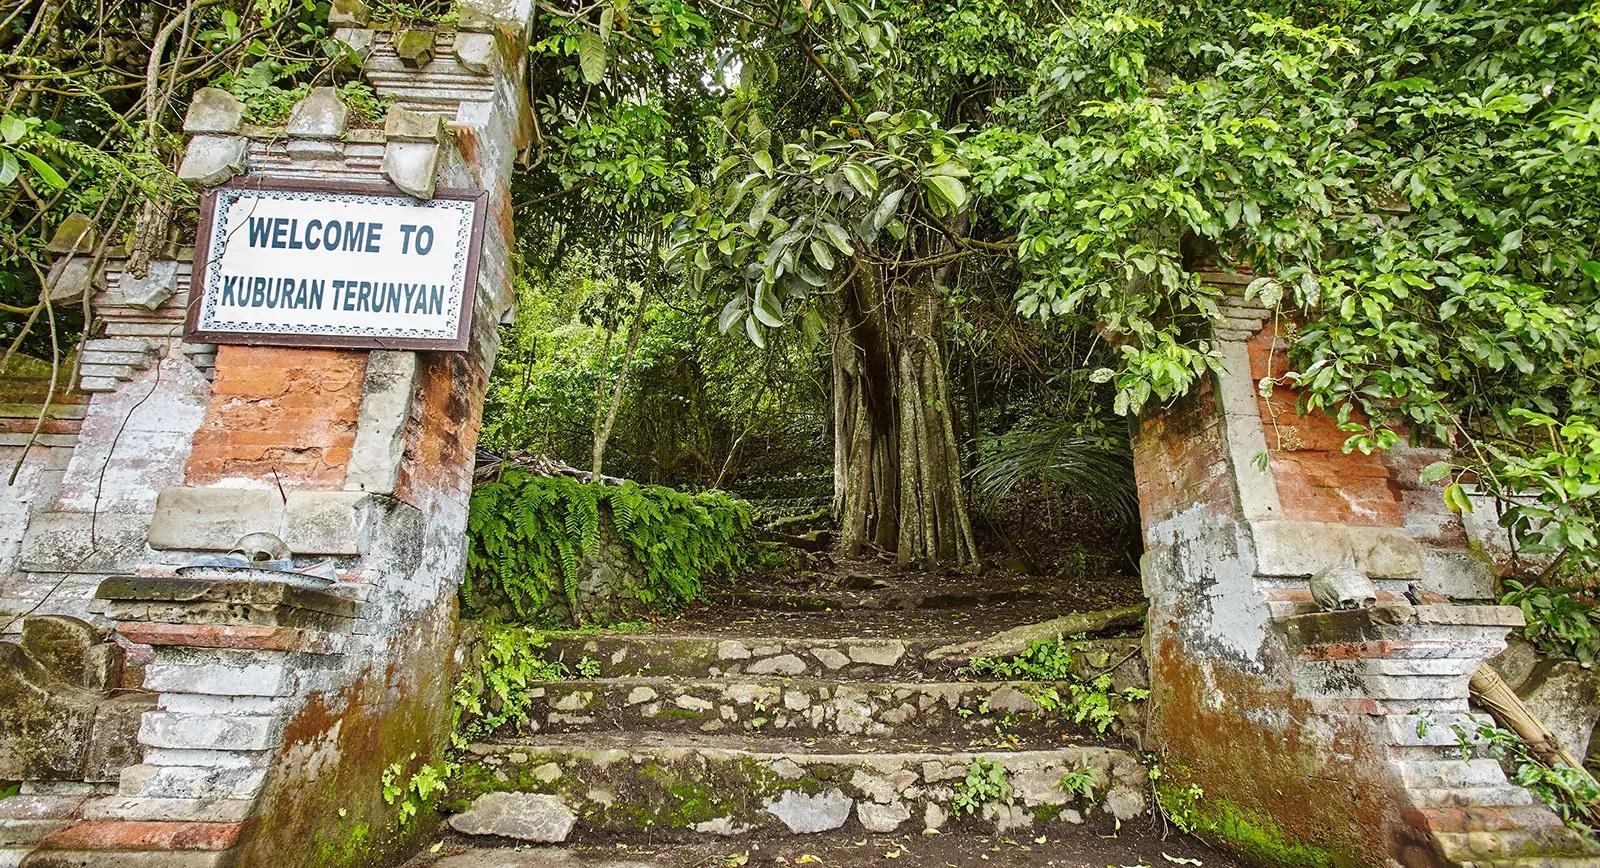 balinese trunyan village near batur lake